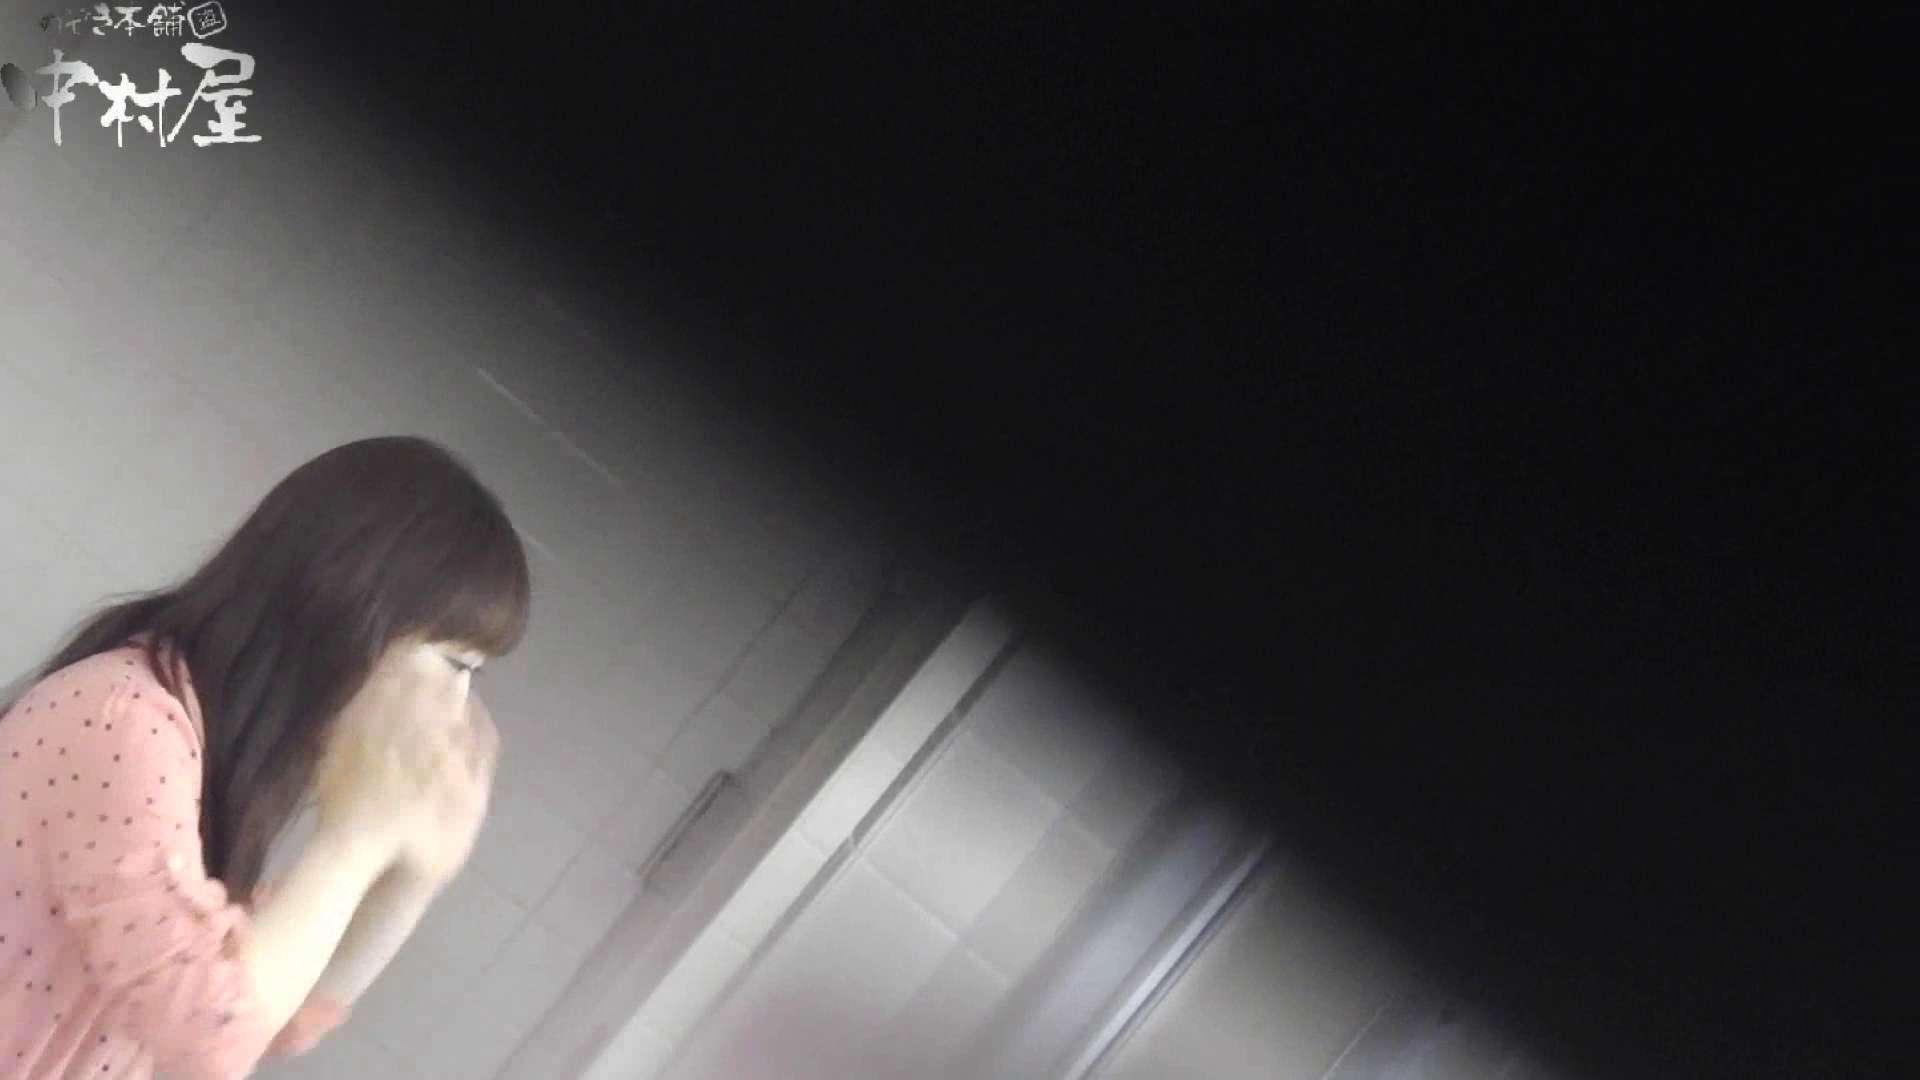 【お銀さんの「洗面所突入レポート!!」】お銀さんの「洗面所突入レポート!!」 vol.28小島陽菜似のピンクオシャレさん 洗面所 スケベ動画紹介 48連発 14